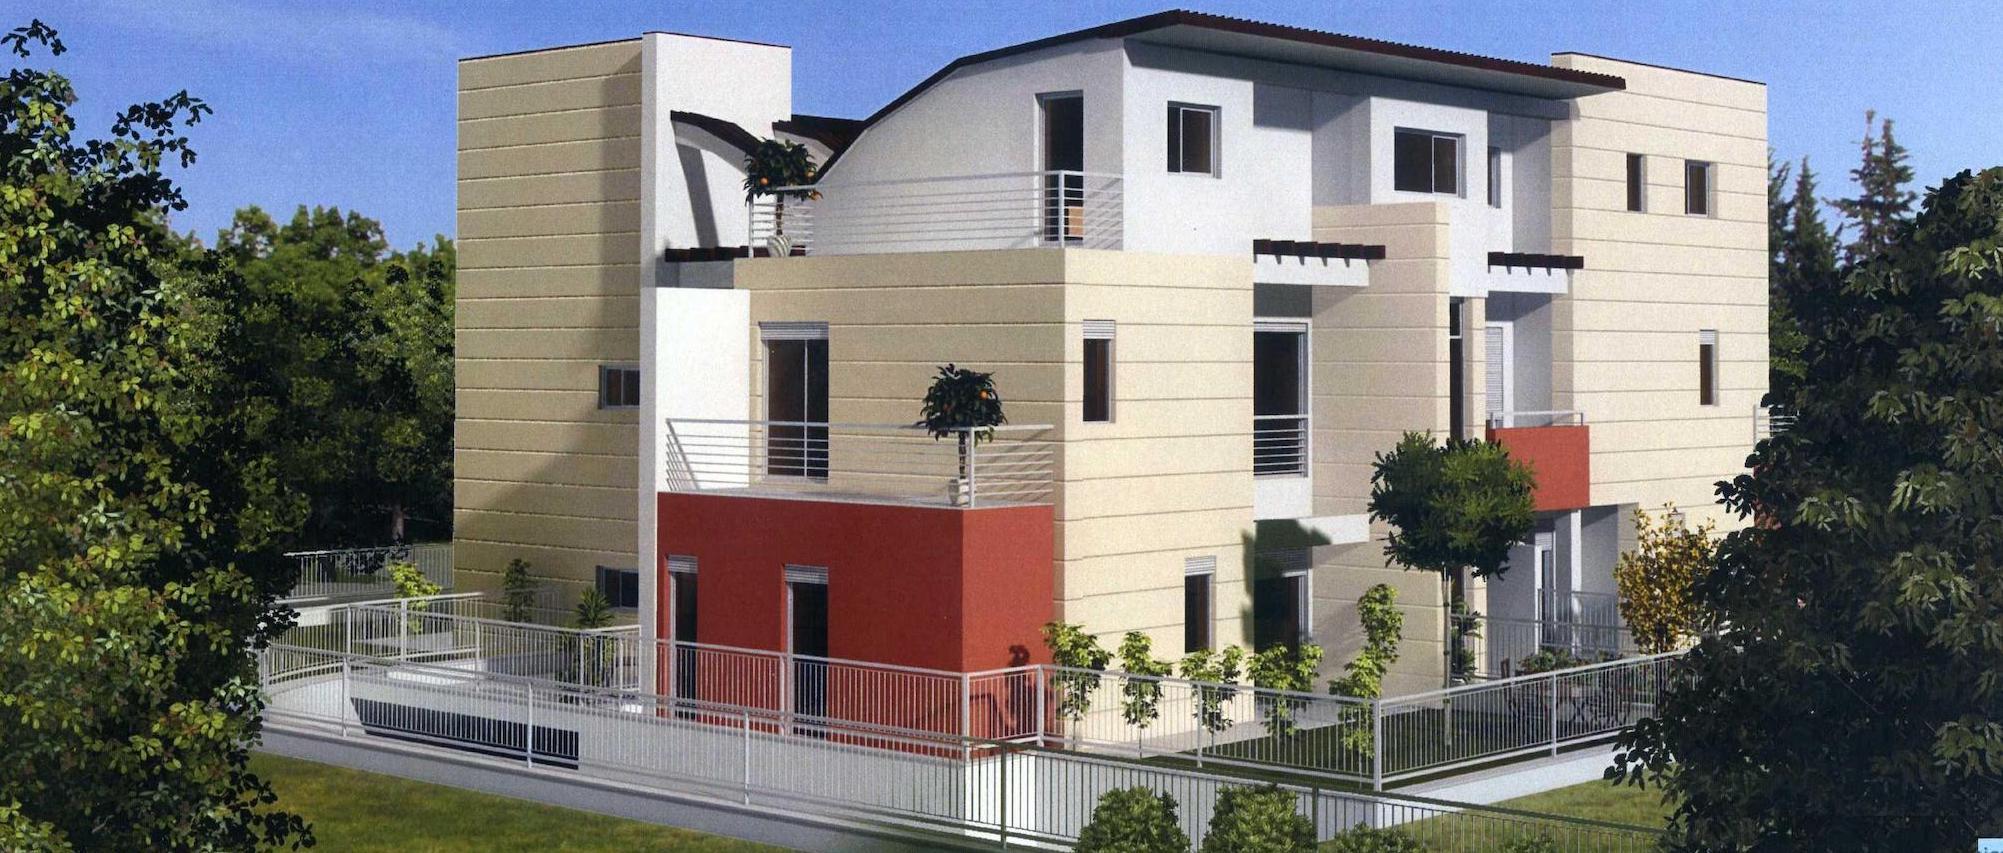 MISANO A. zona centro